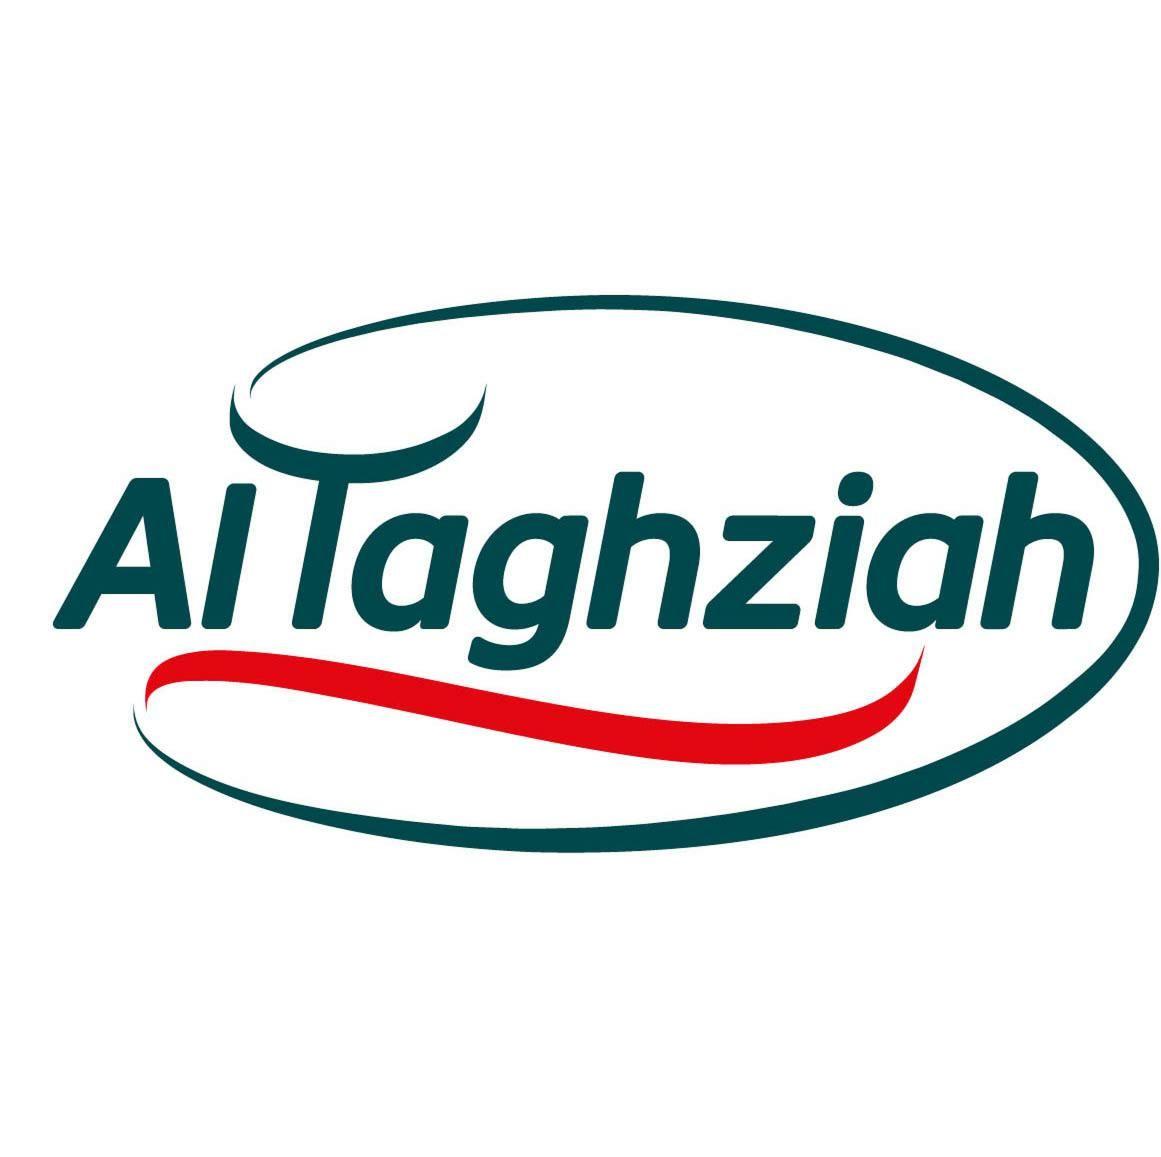 Al-Taghziah S.A.L